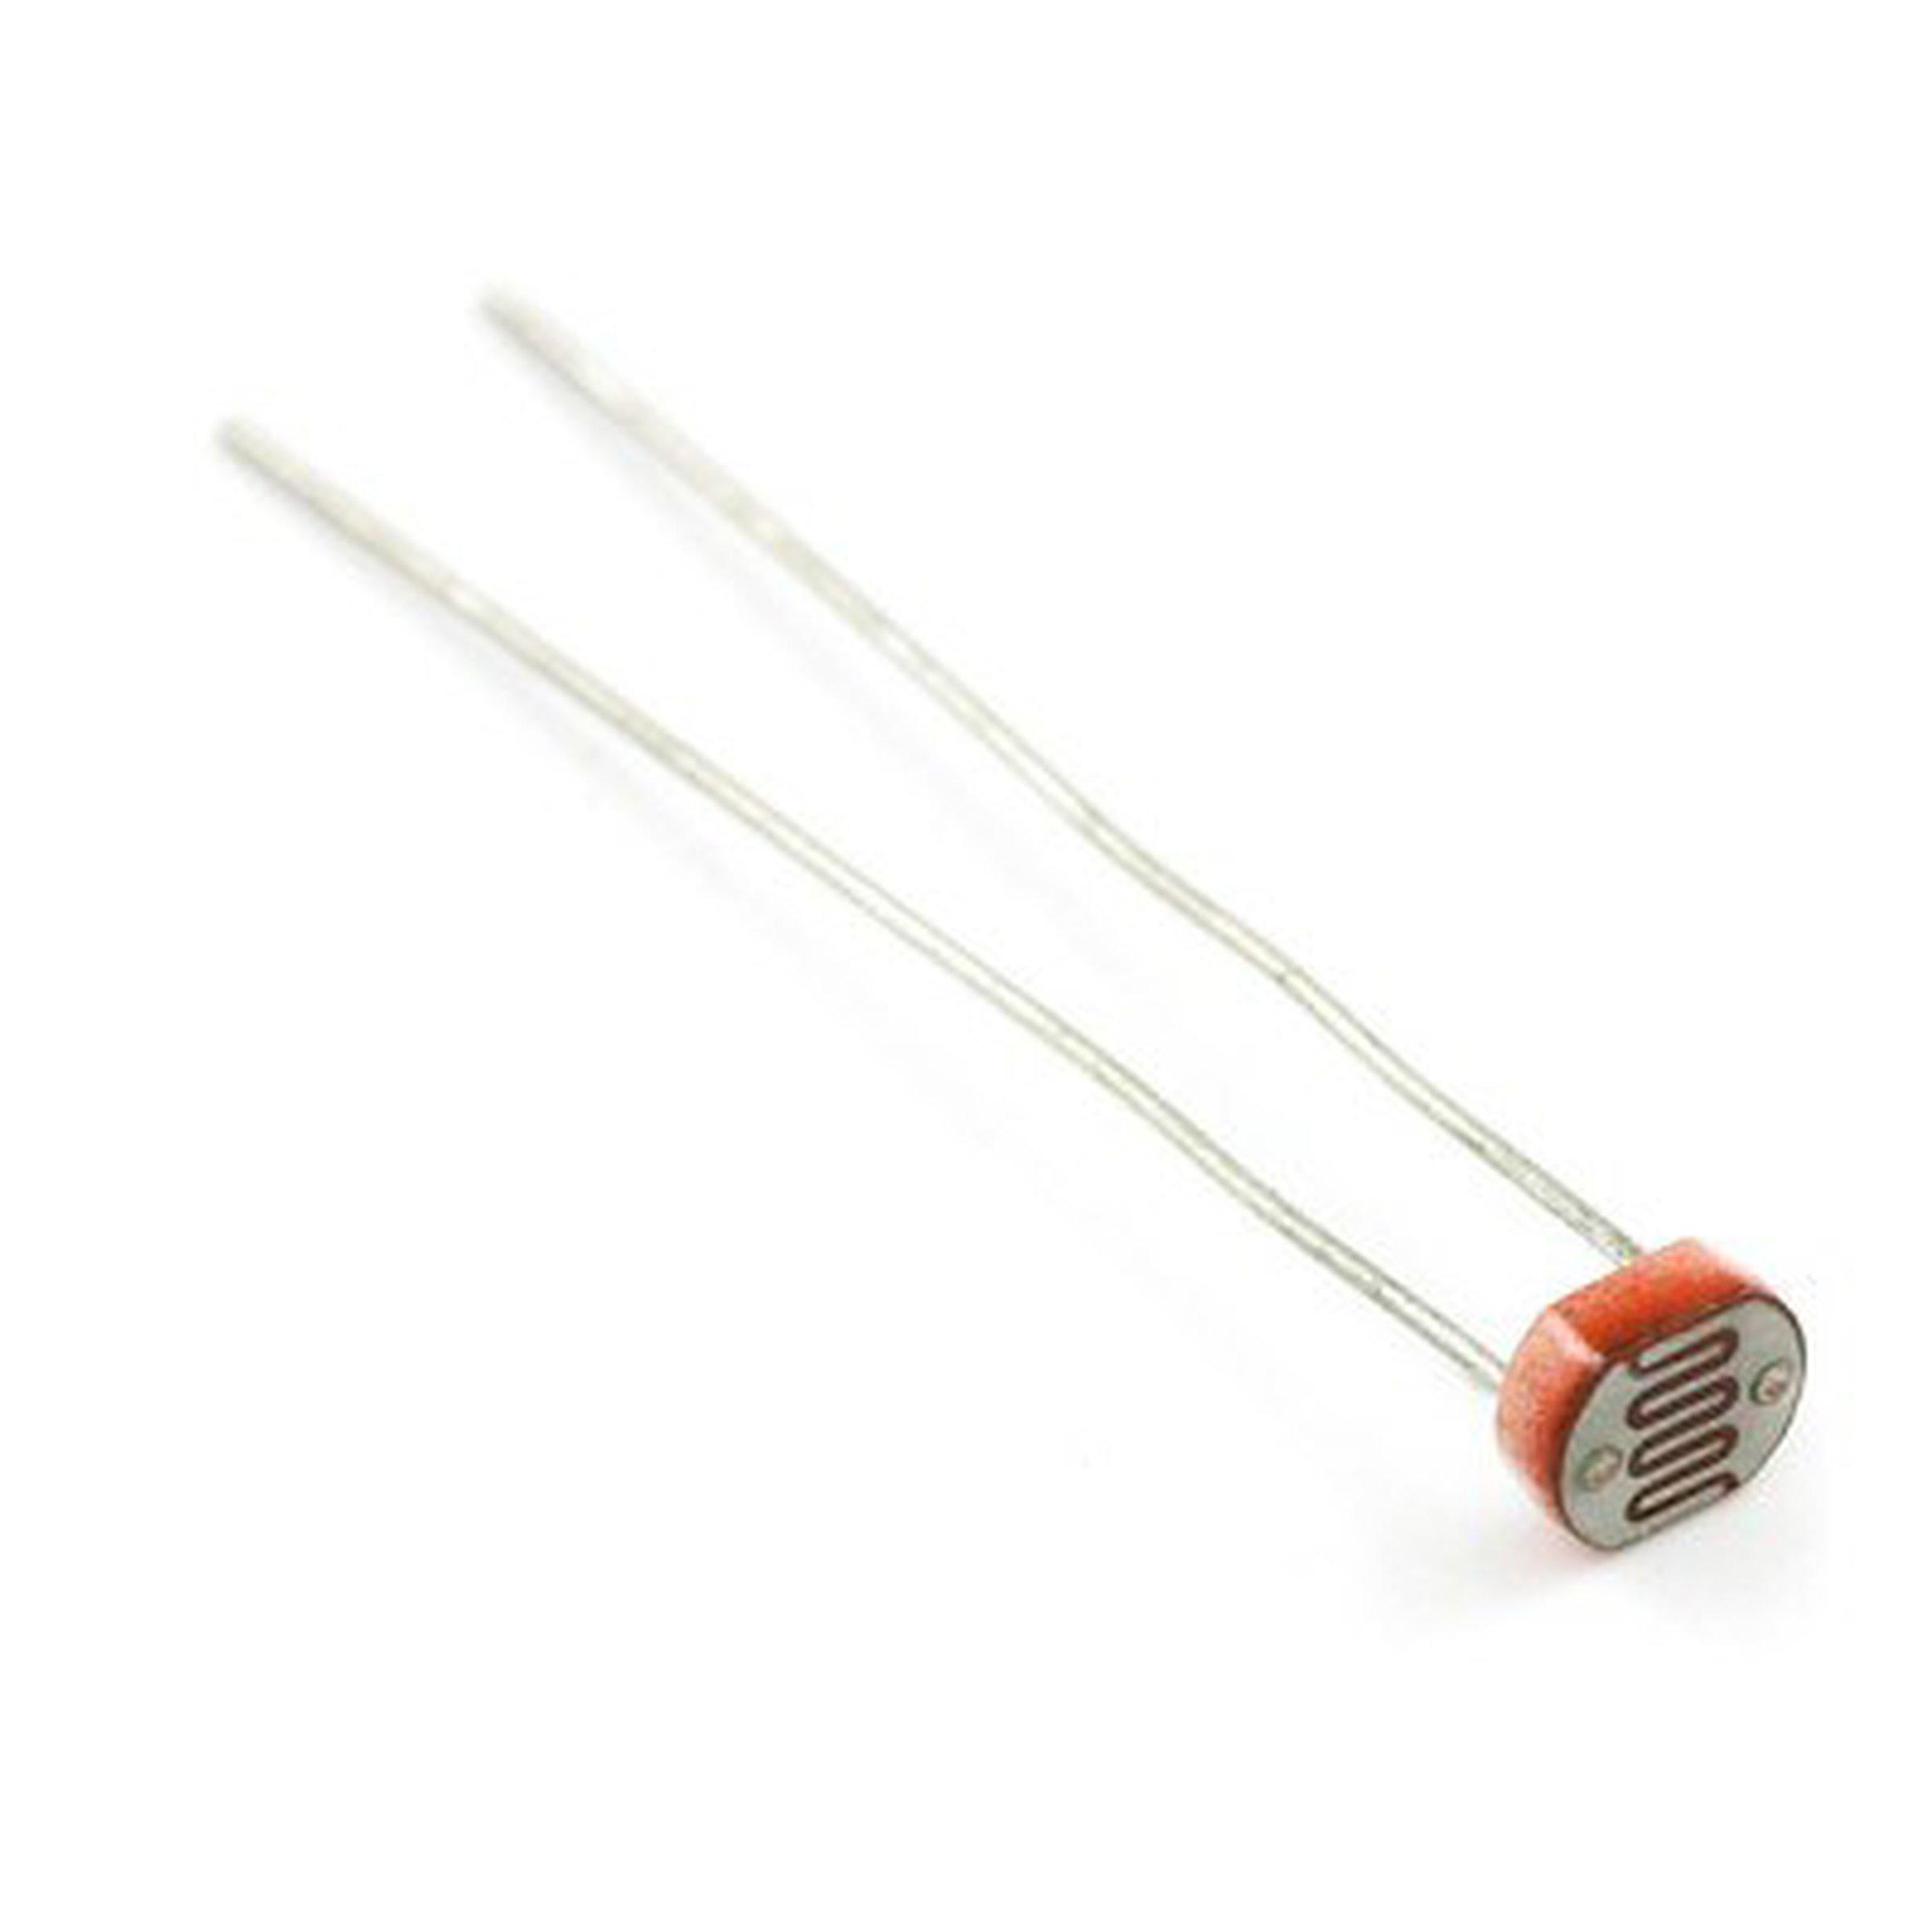 Mini General Purpose Wireless Sensor Board From Sensible Living Llc Alarm Circuit For Resistive 5